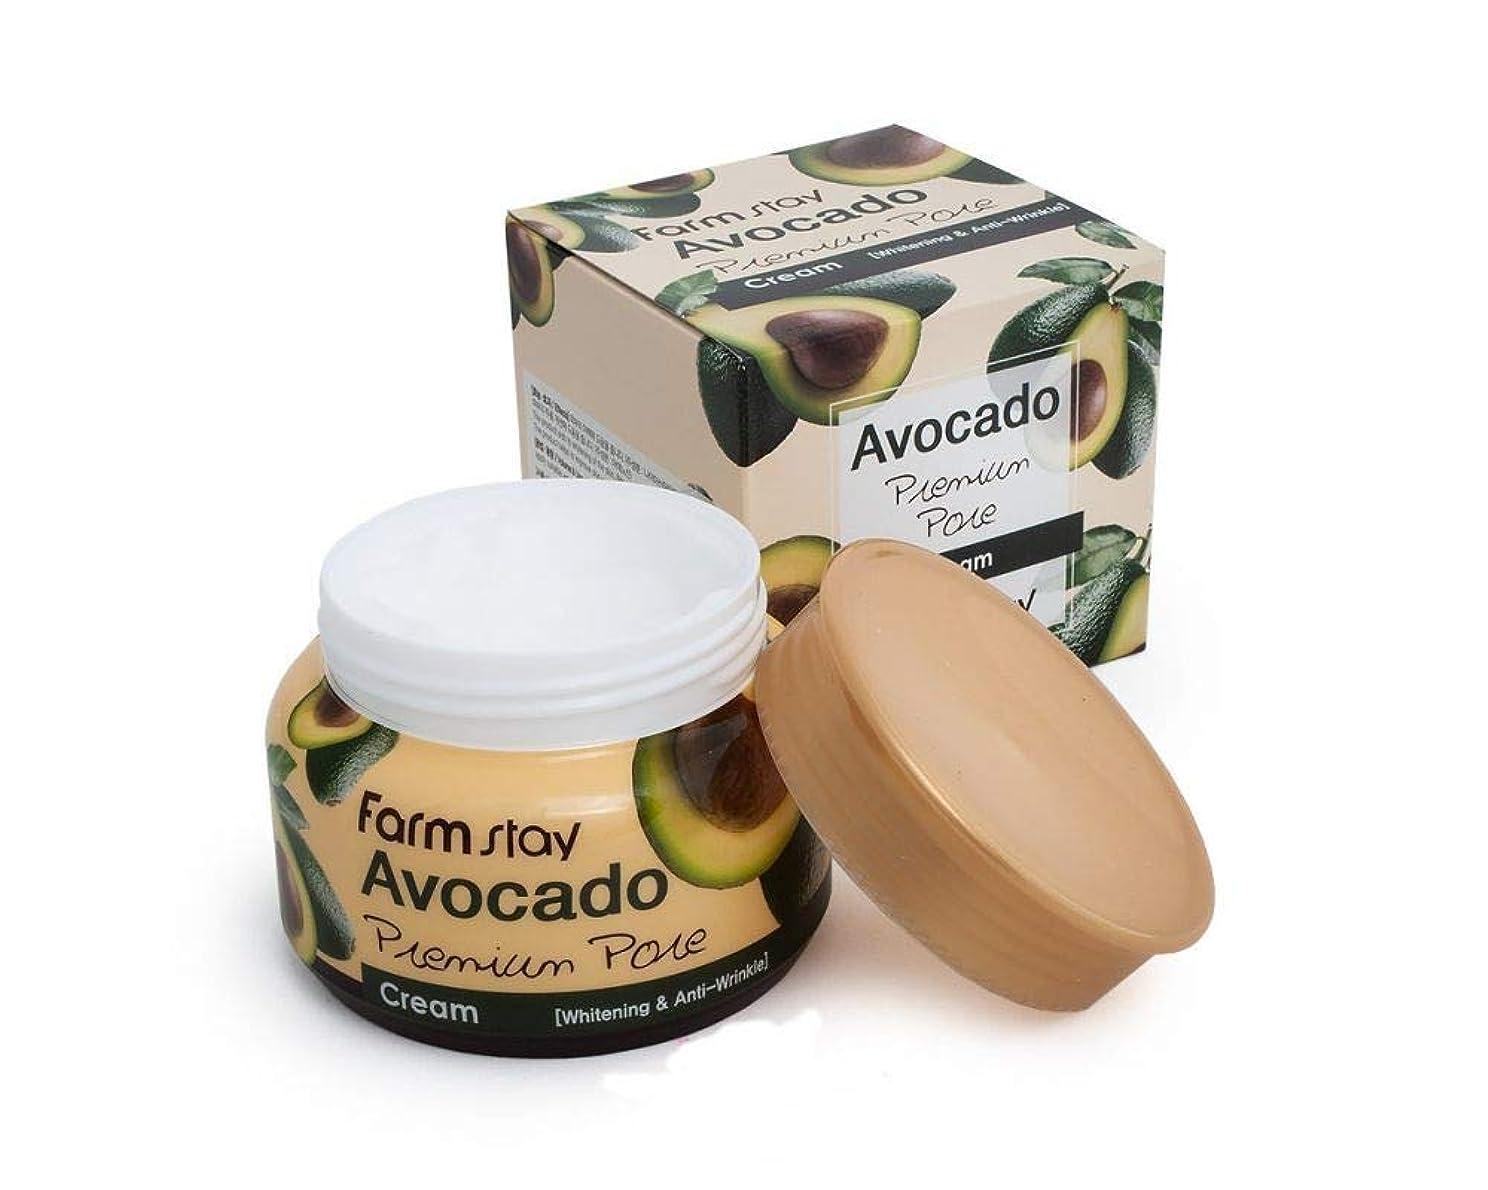 クラッシュトラフィック膿瘍ファームステイ[Farm Stay] アボカドプレミアムポアクリーム 100g / Avocado Premium Pore Cream